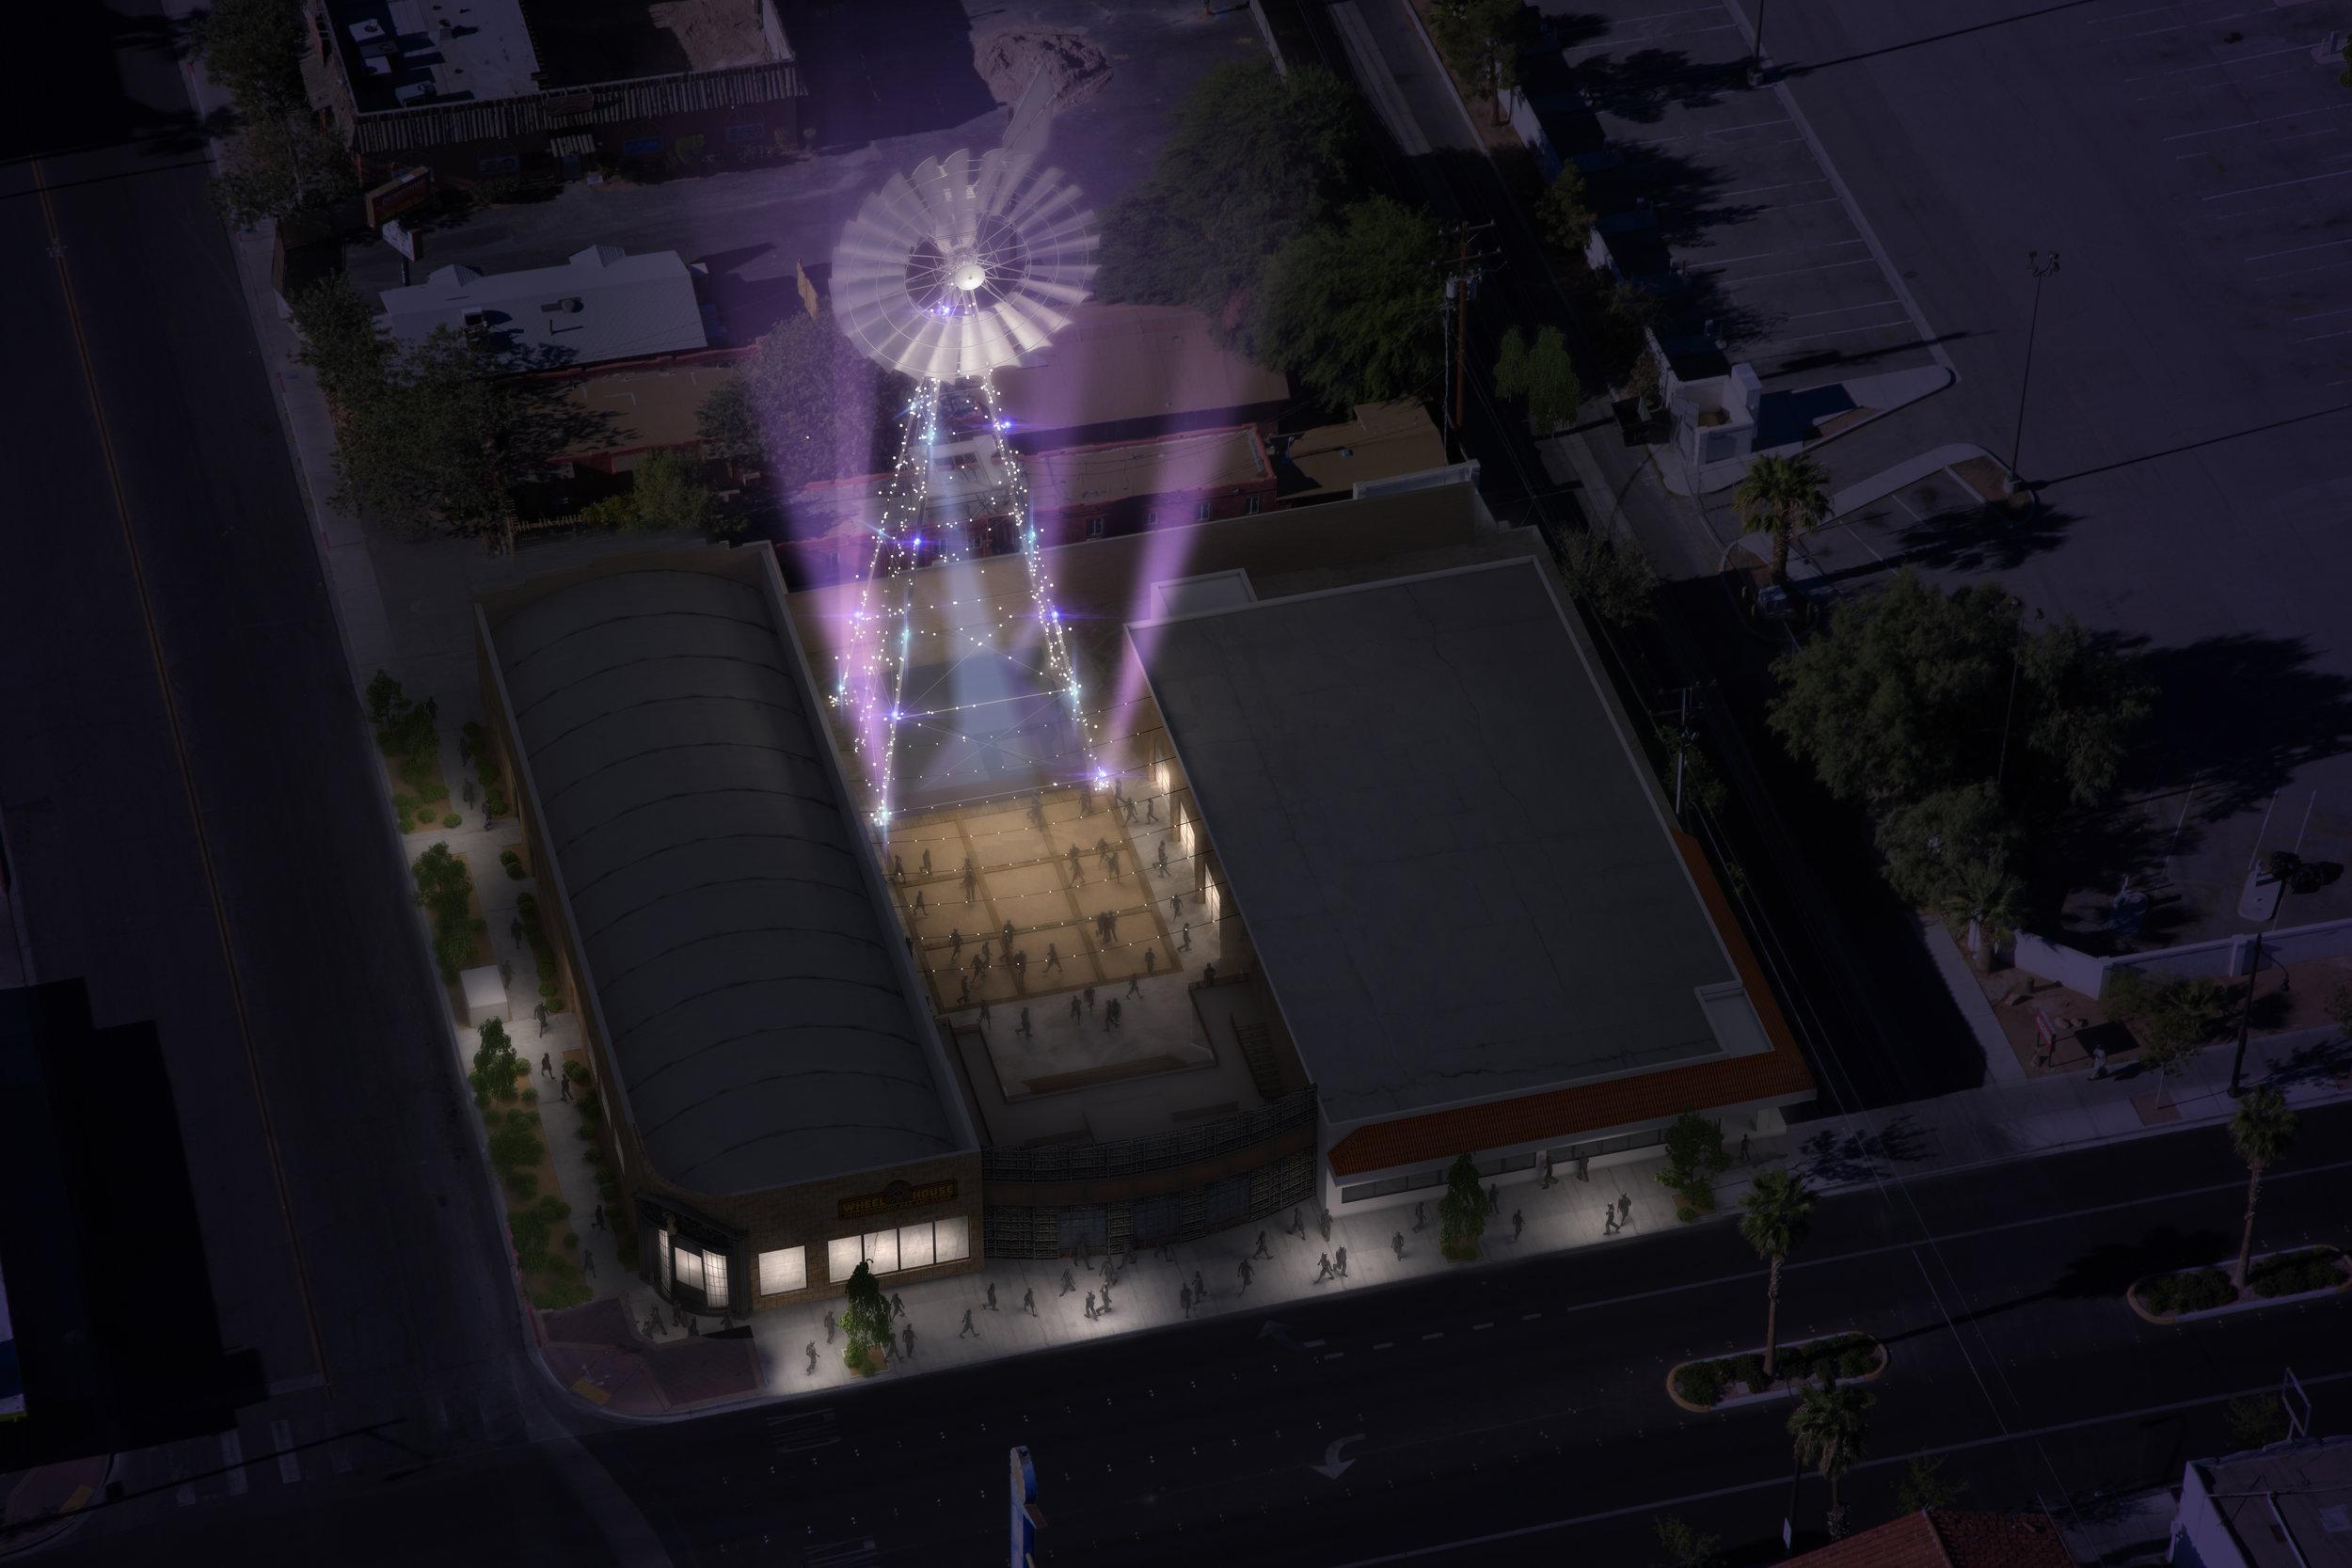 WheelHouse_Night_aerial.jpg